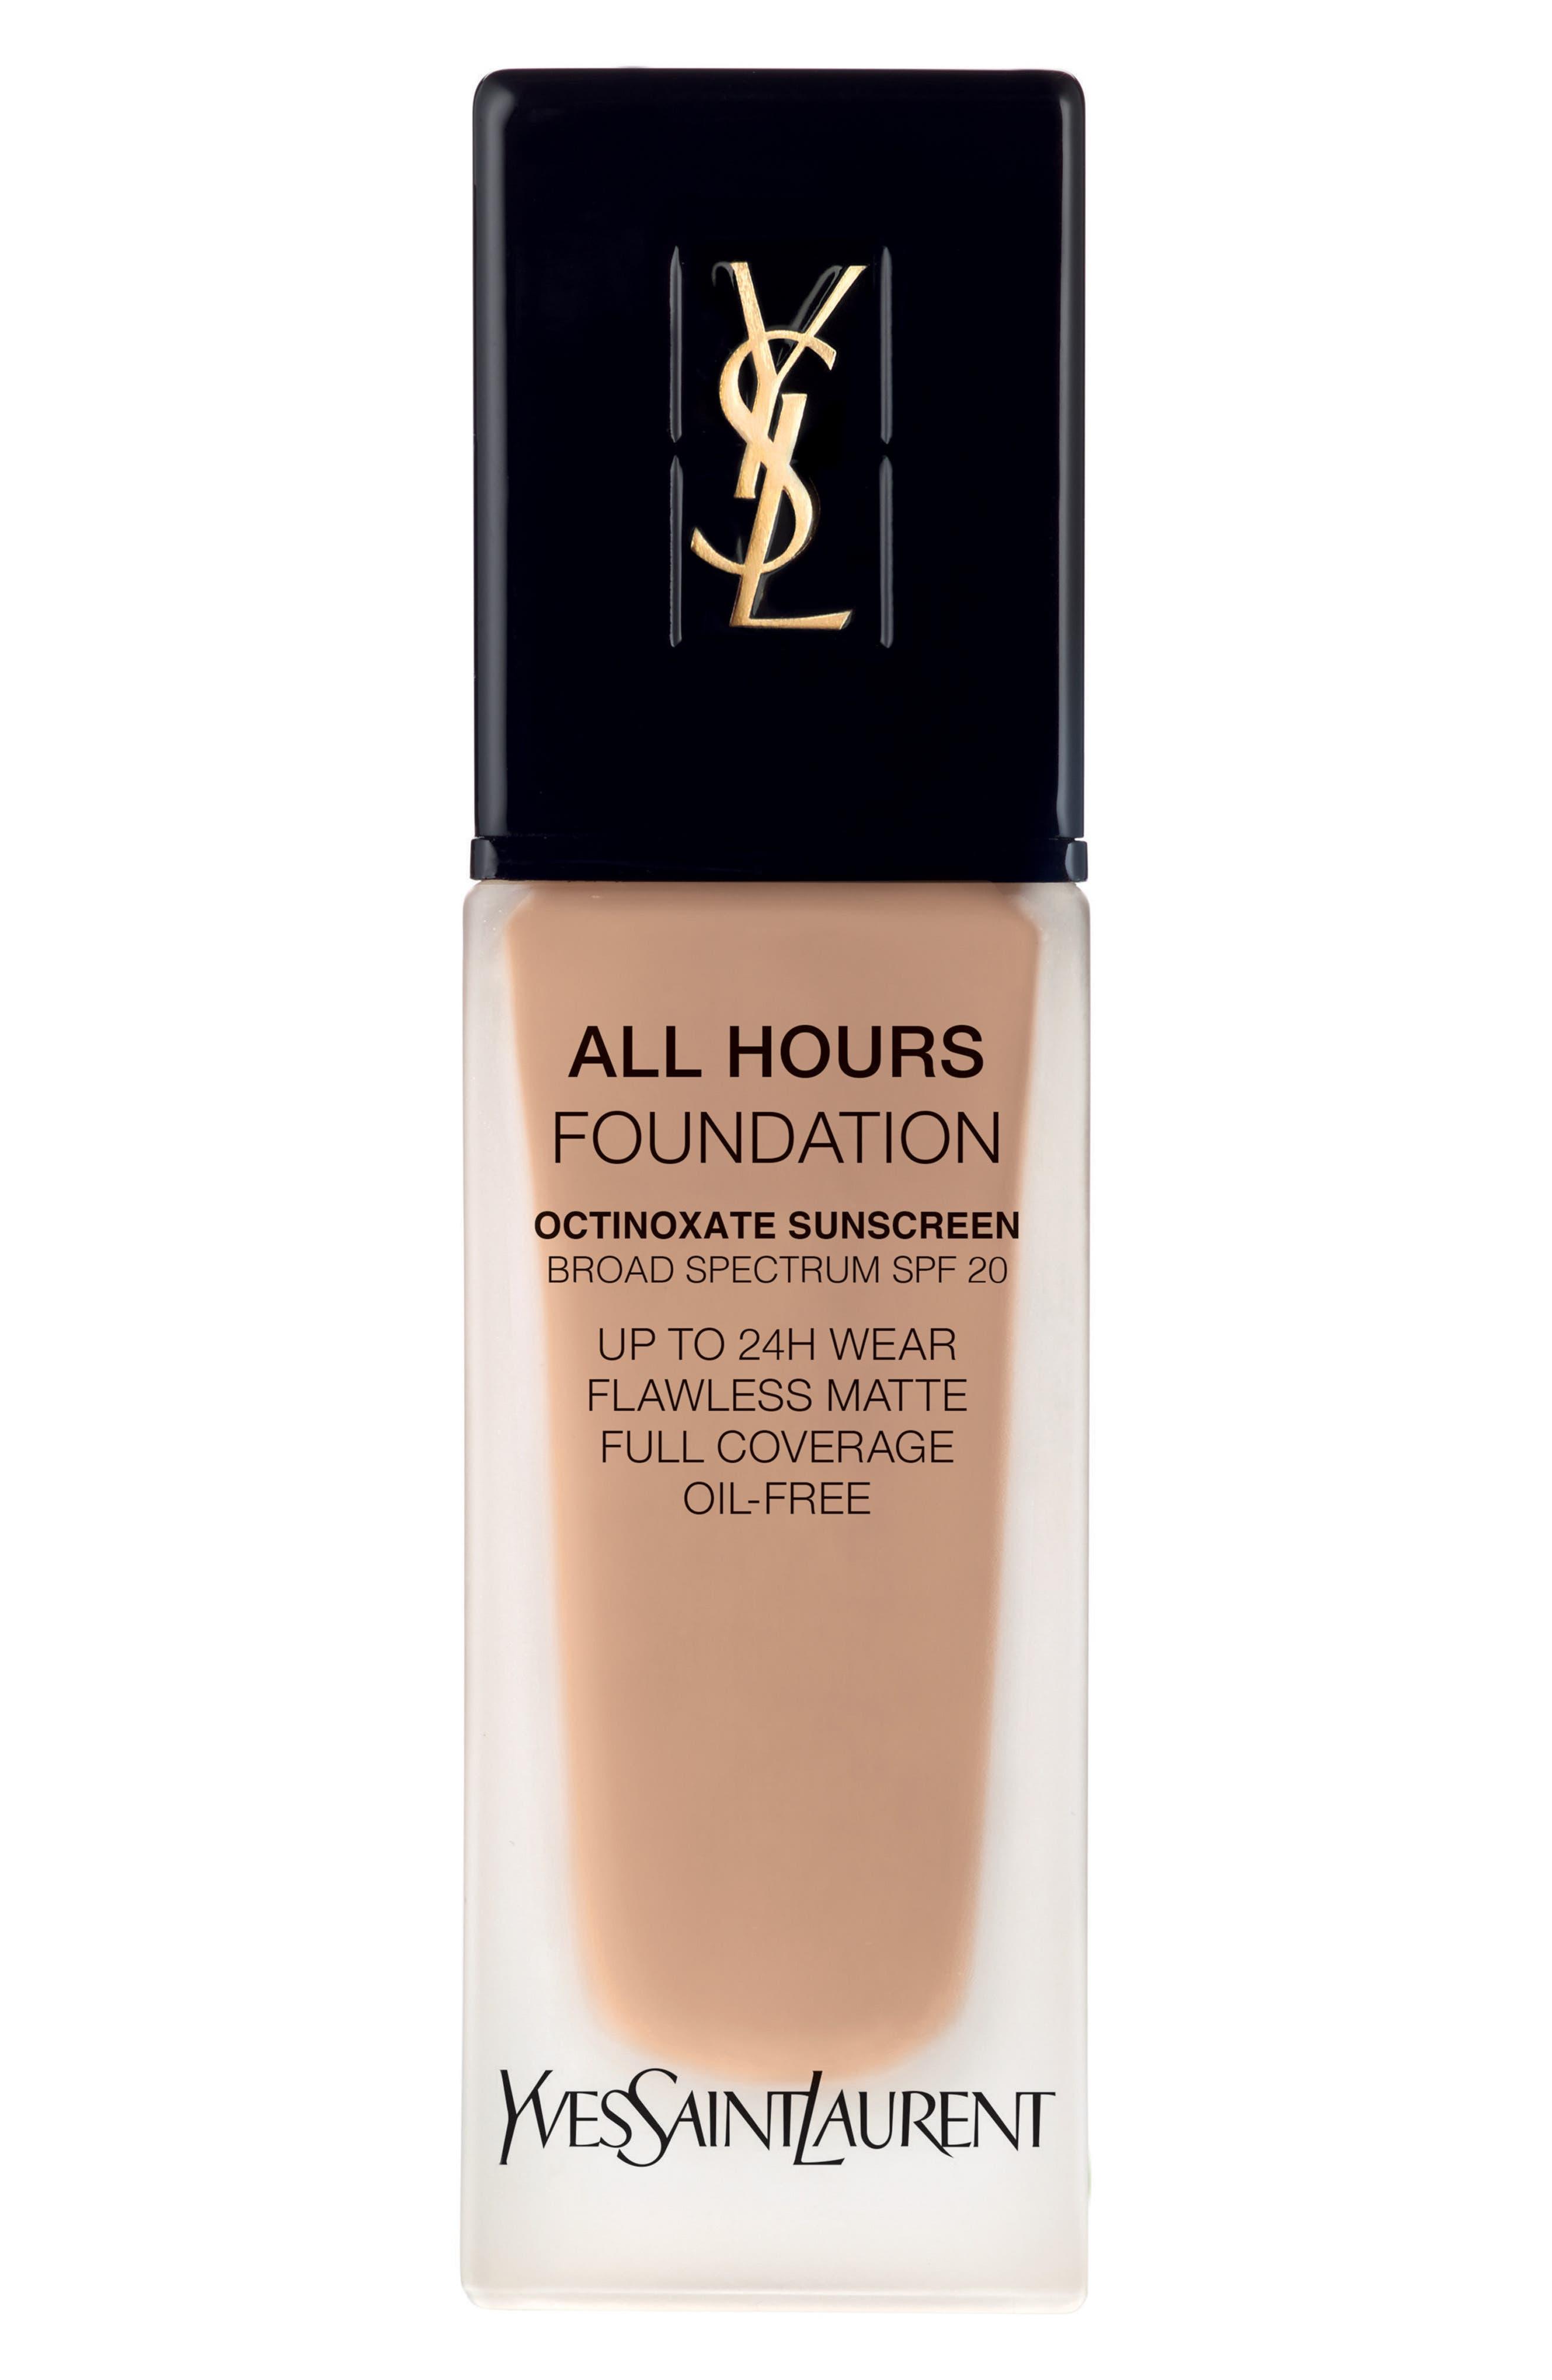 Yves Saint Laurent All Hours Full Coverage Matte Foundation Spf 20 - B50 Honey